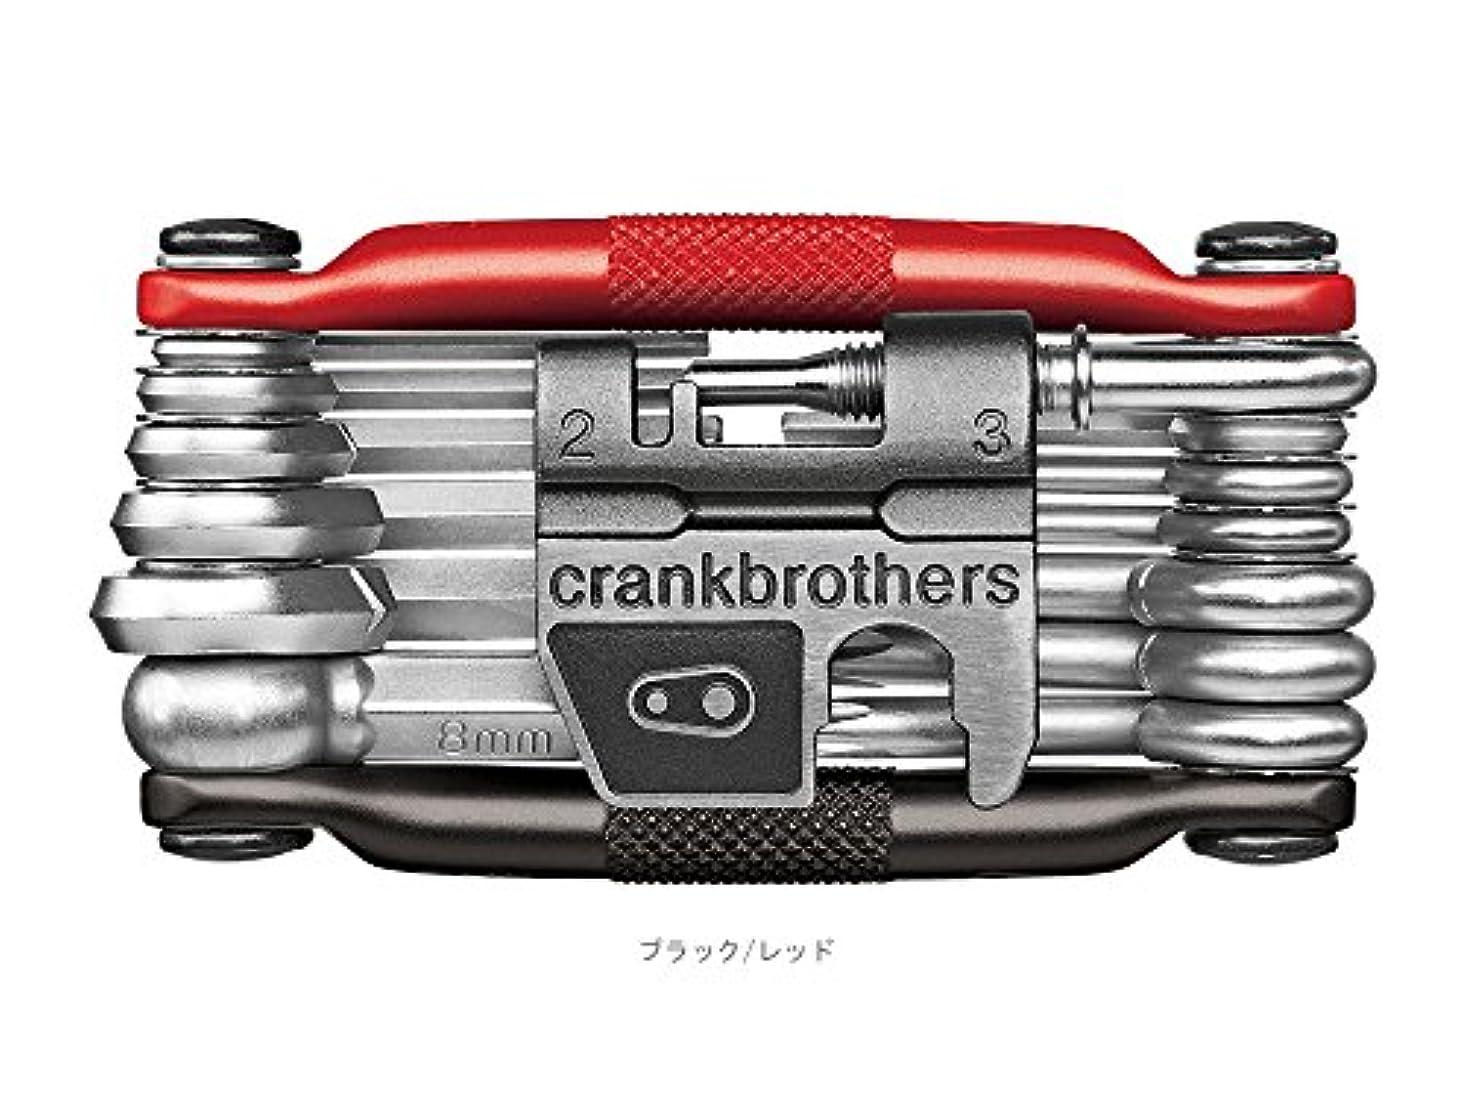 コックライドセクタCRANKBROTHERS(クランクブラザーズ) M19 (マルチ19) 携帯ツール ブラック/レッド